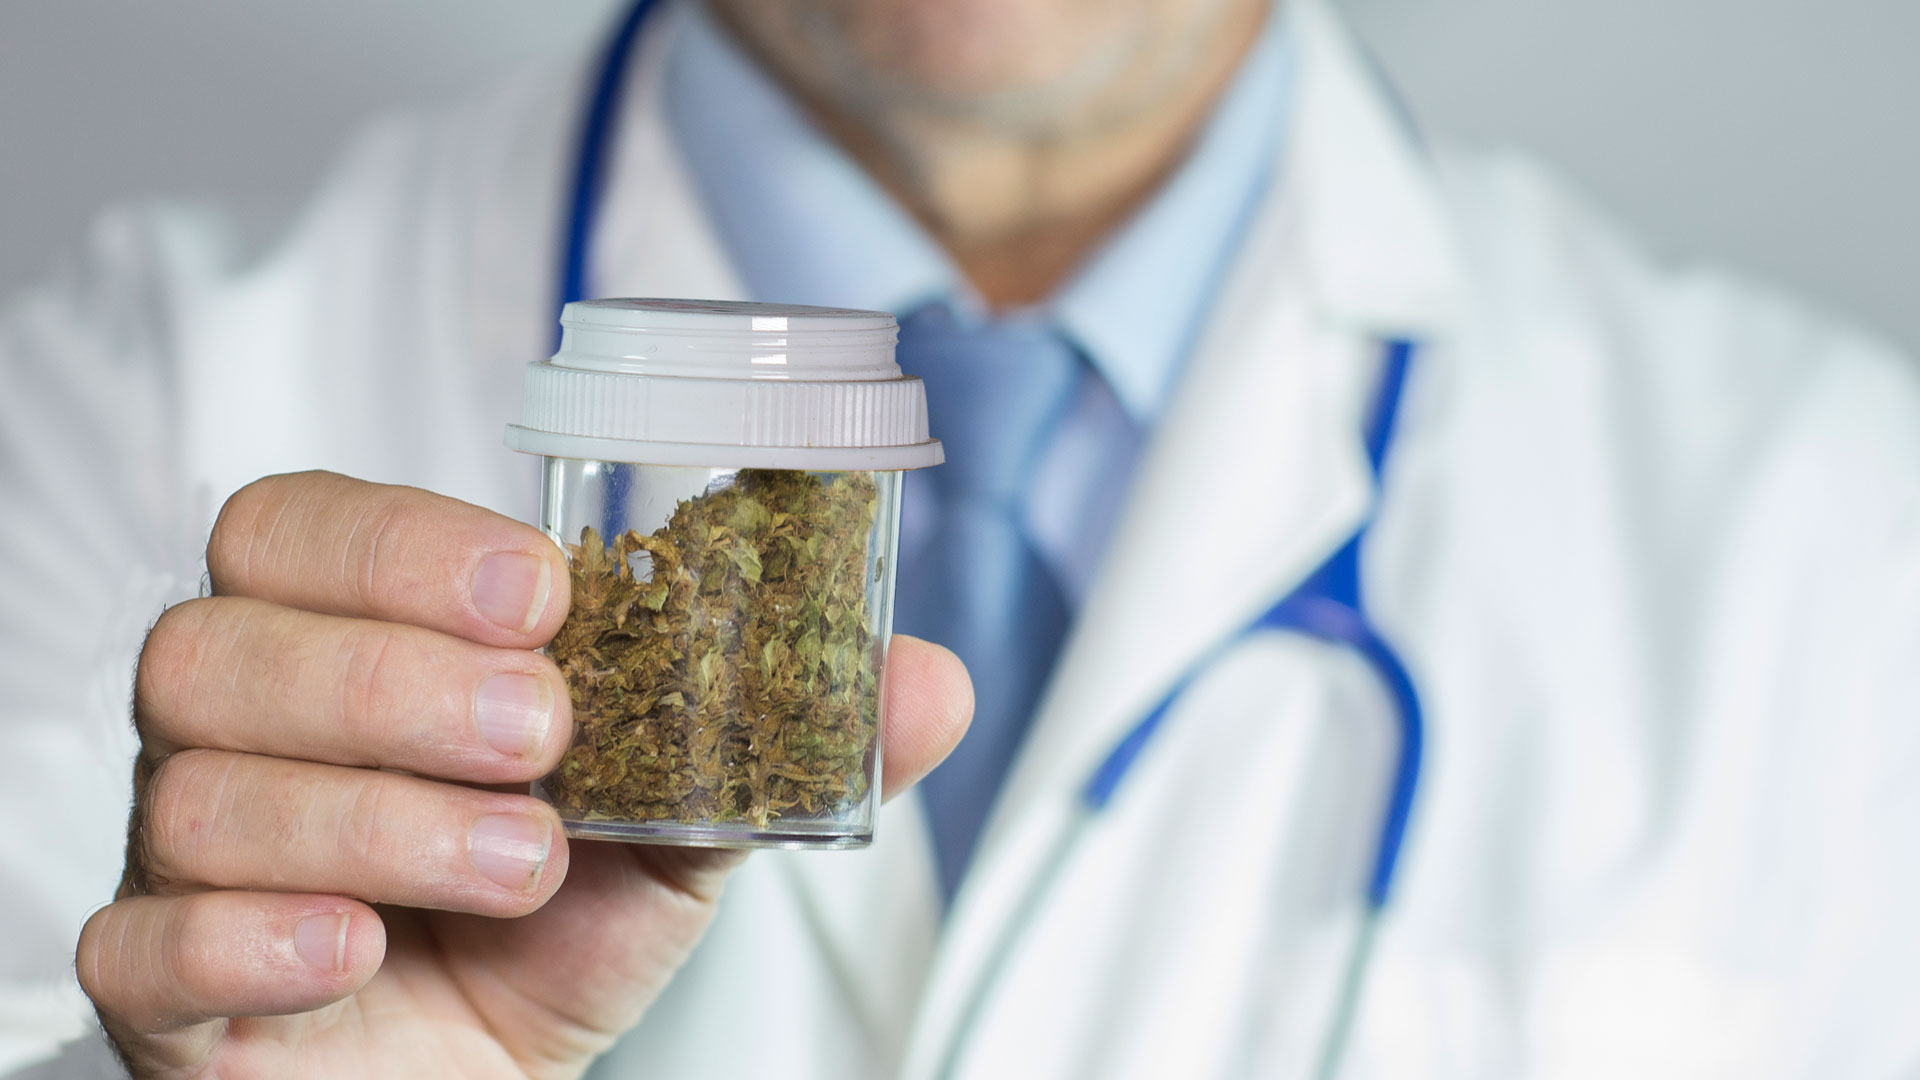 El cannabis medicinal se utiliza como una opción terapéutica para distintas enfermedades (iStock)